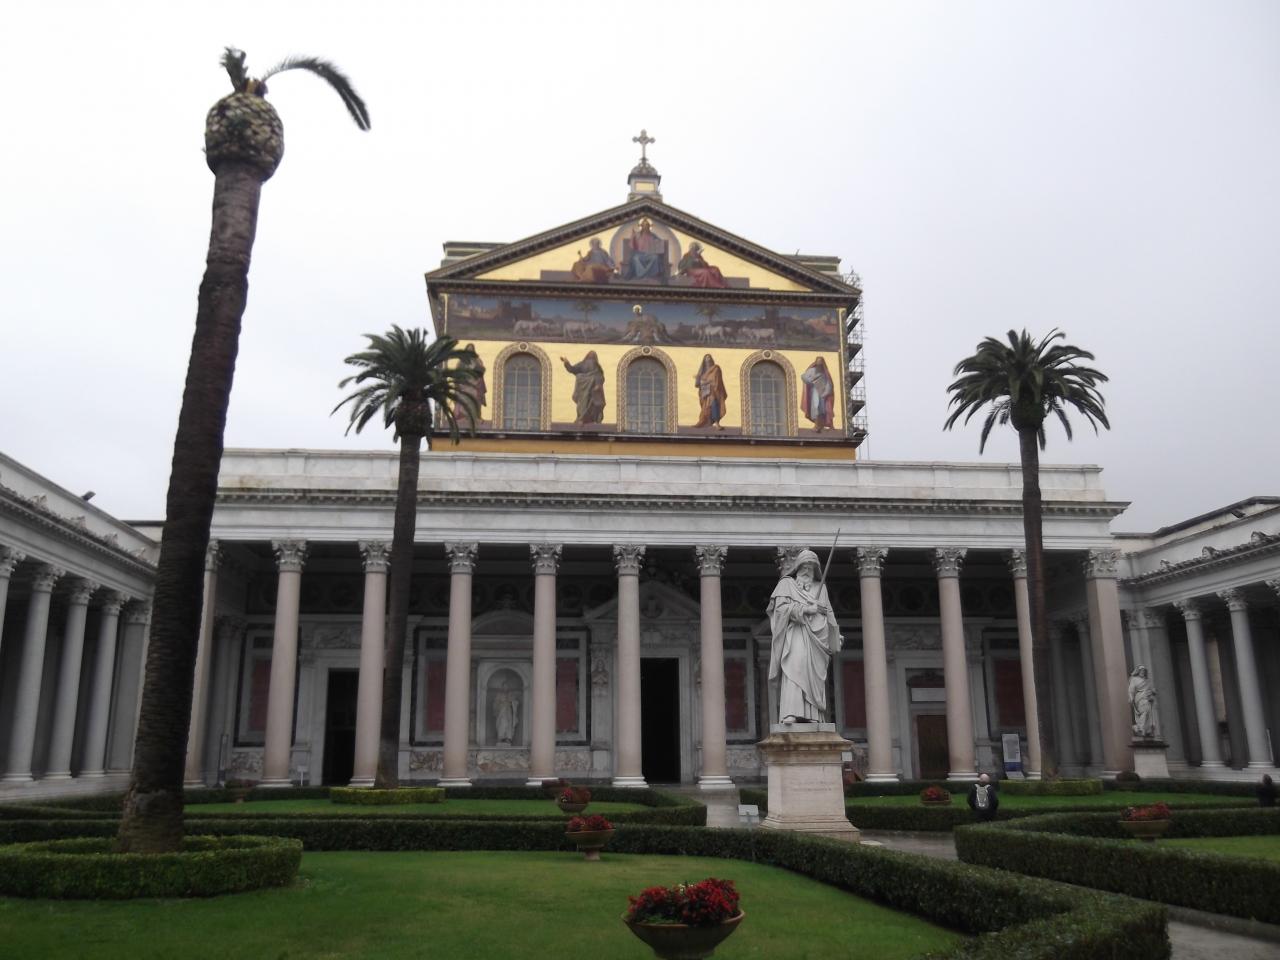 4大聖堂の1つ(一番観光地化されてないかな)